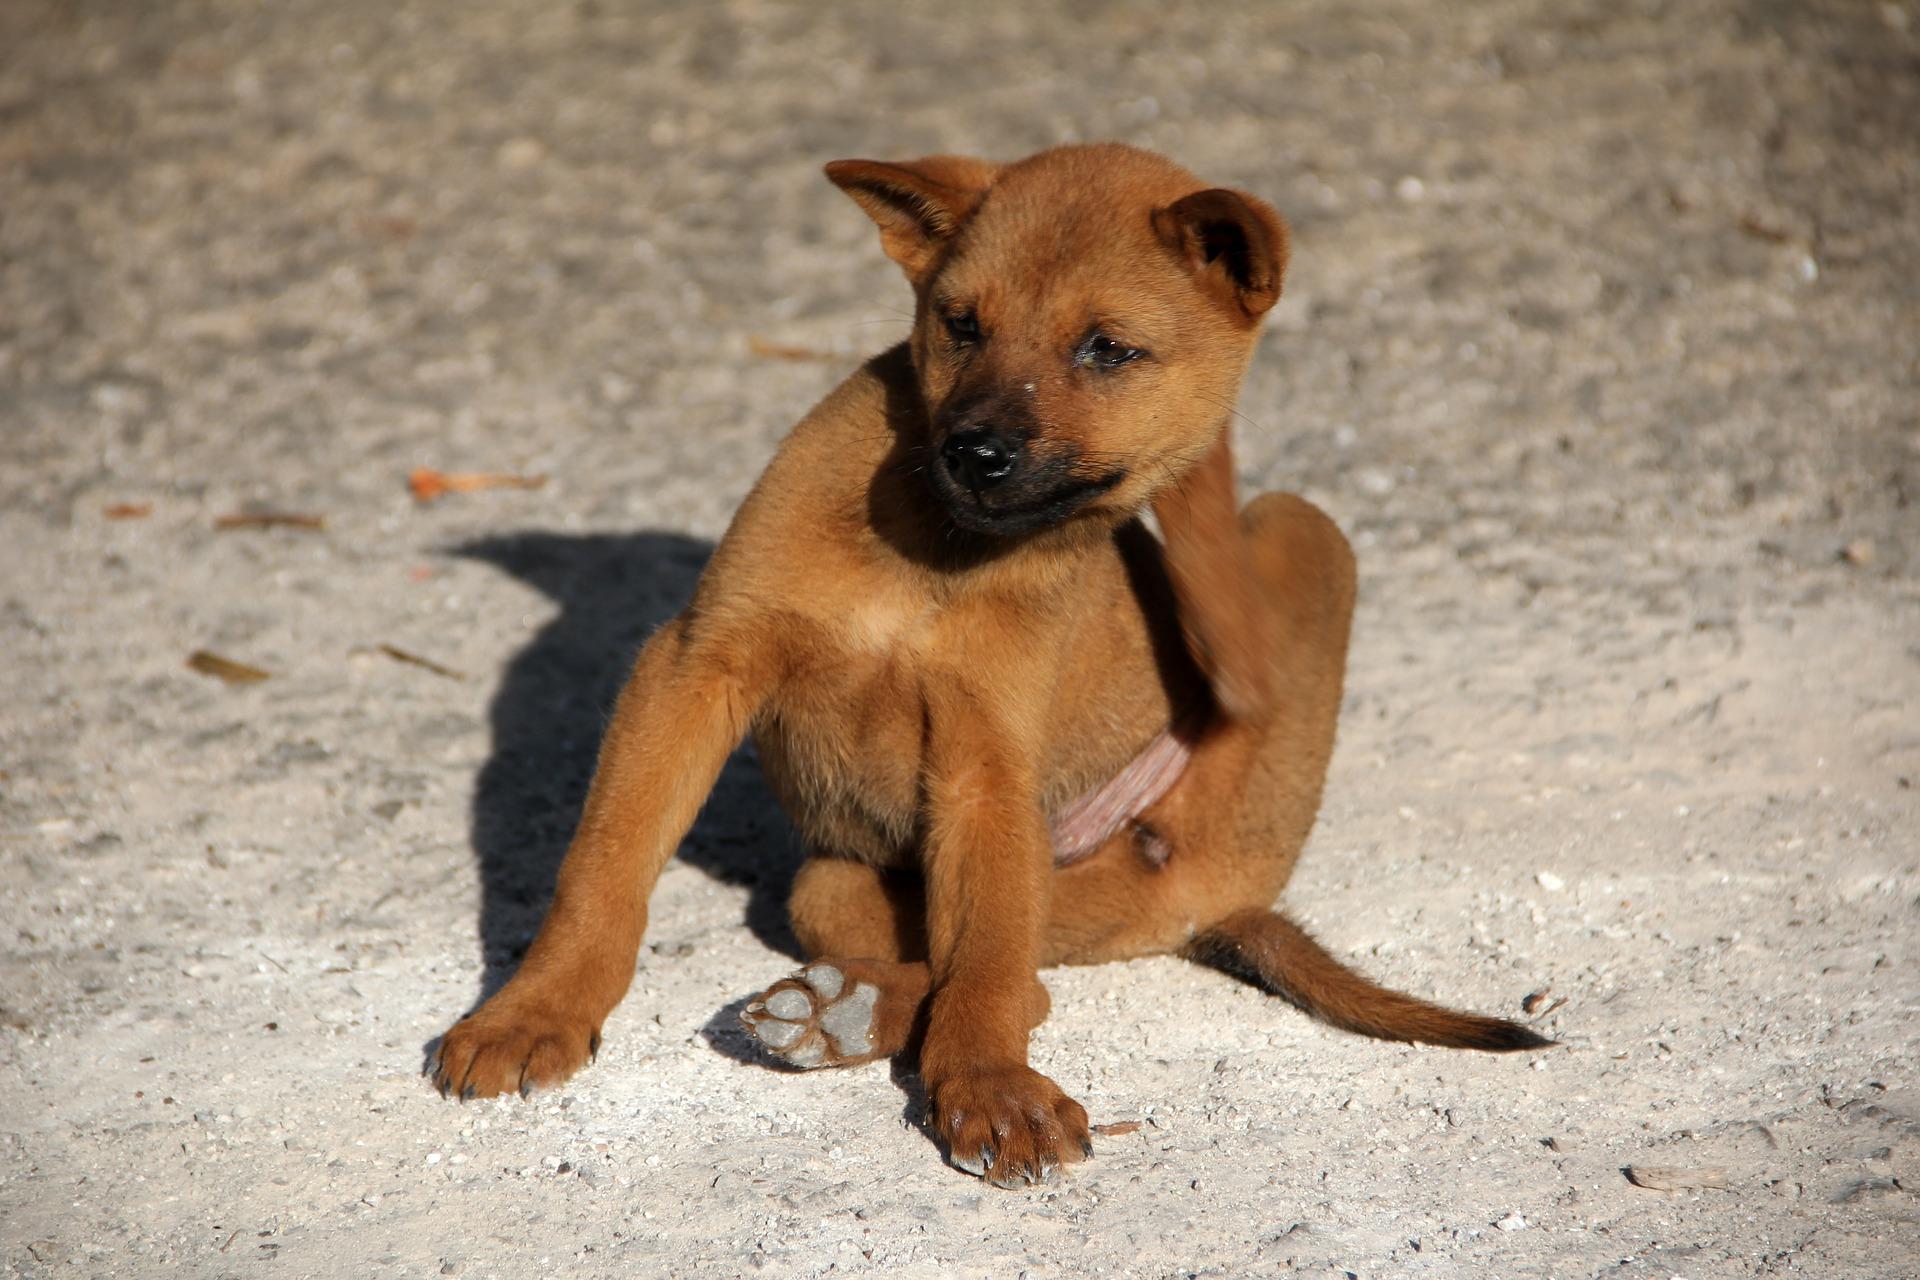 Fklöhe im Hundebett - Kein Grund zur Panik